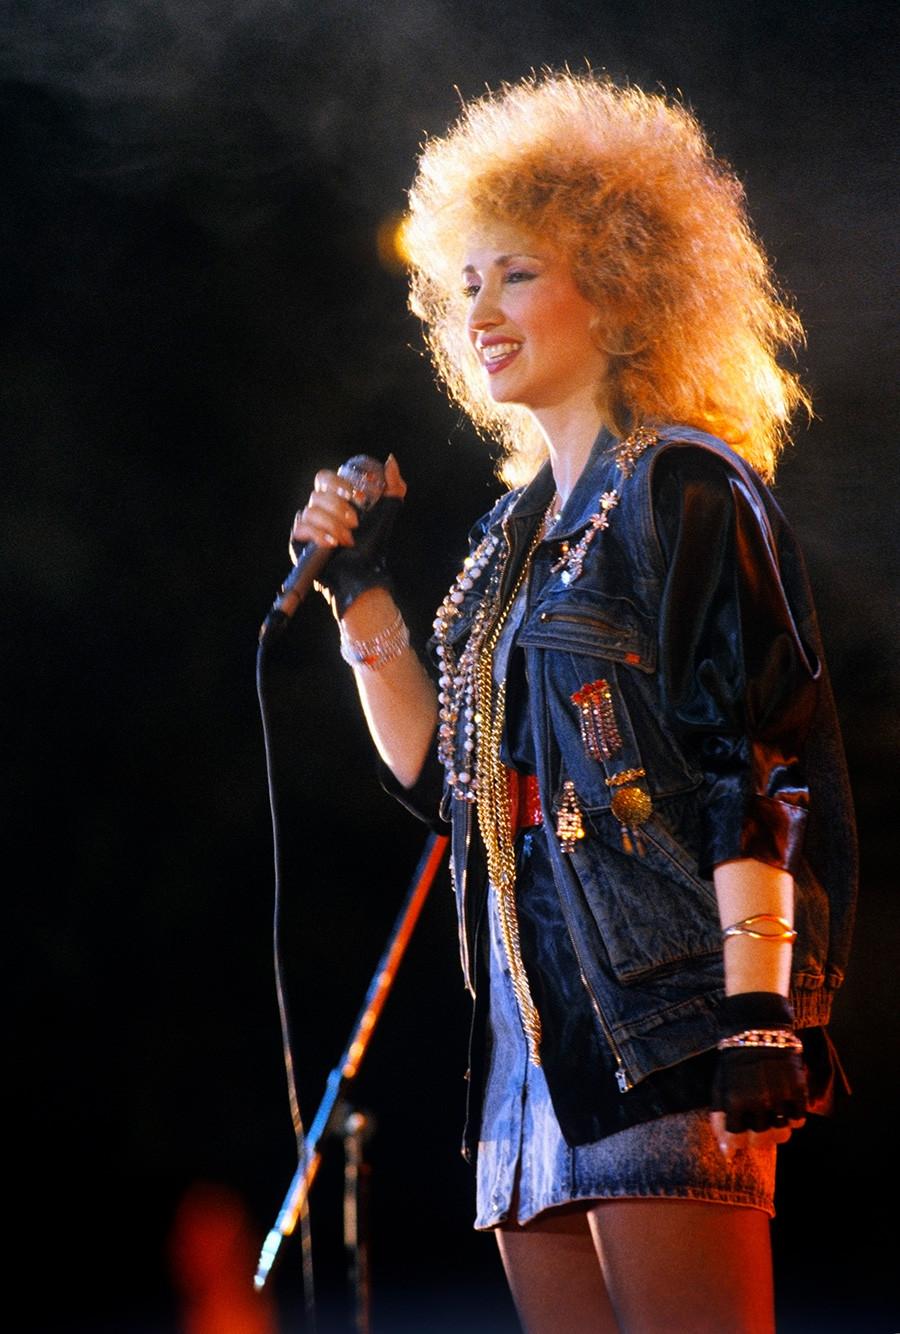 Sängerin Irina Allegrowa